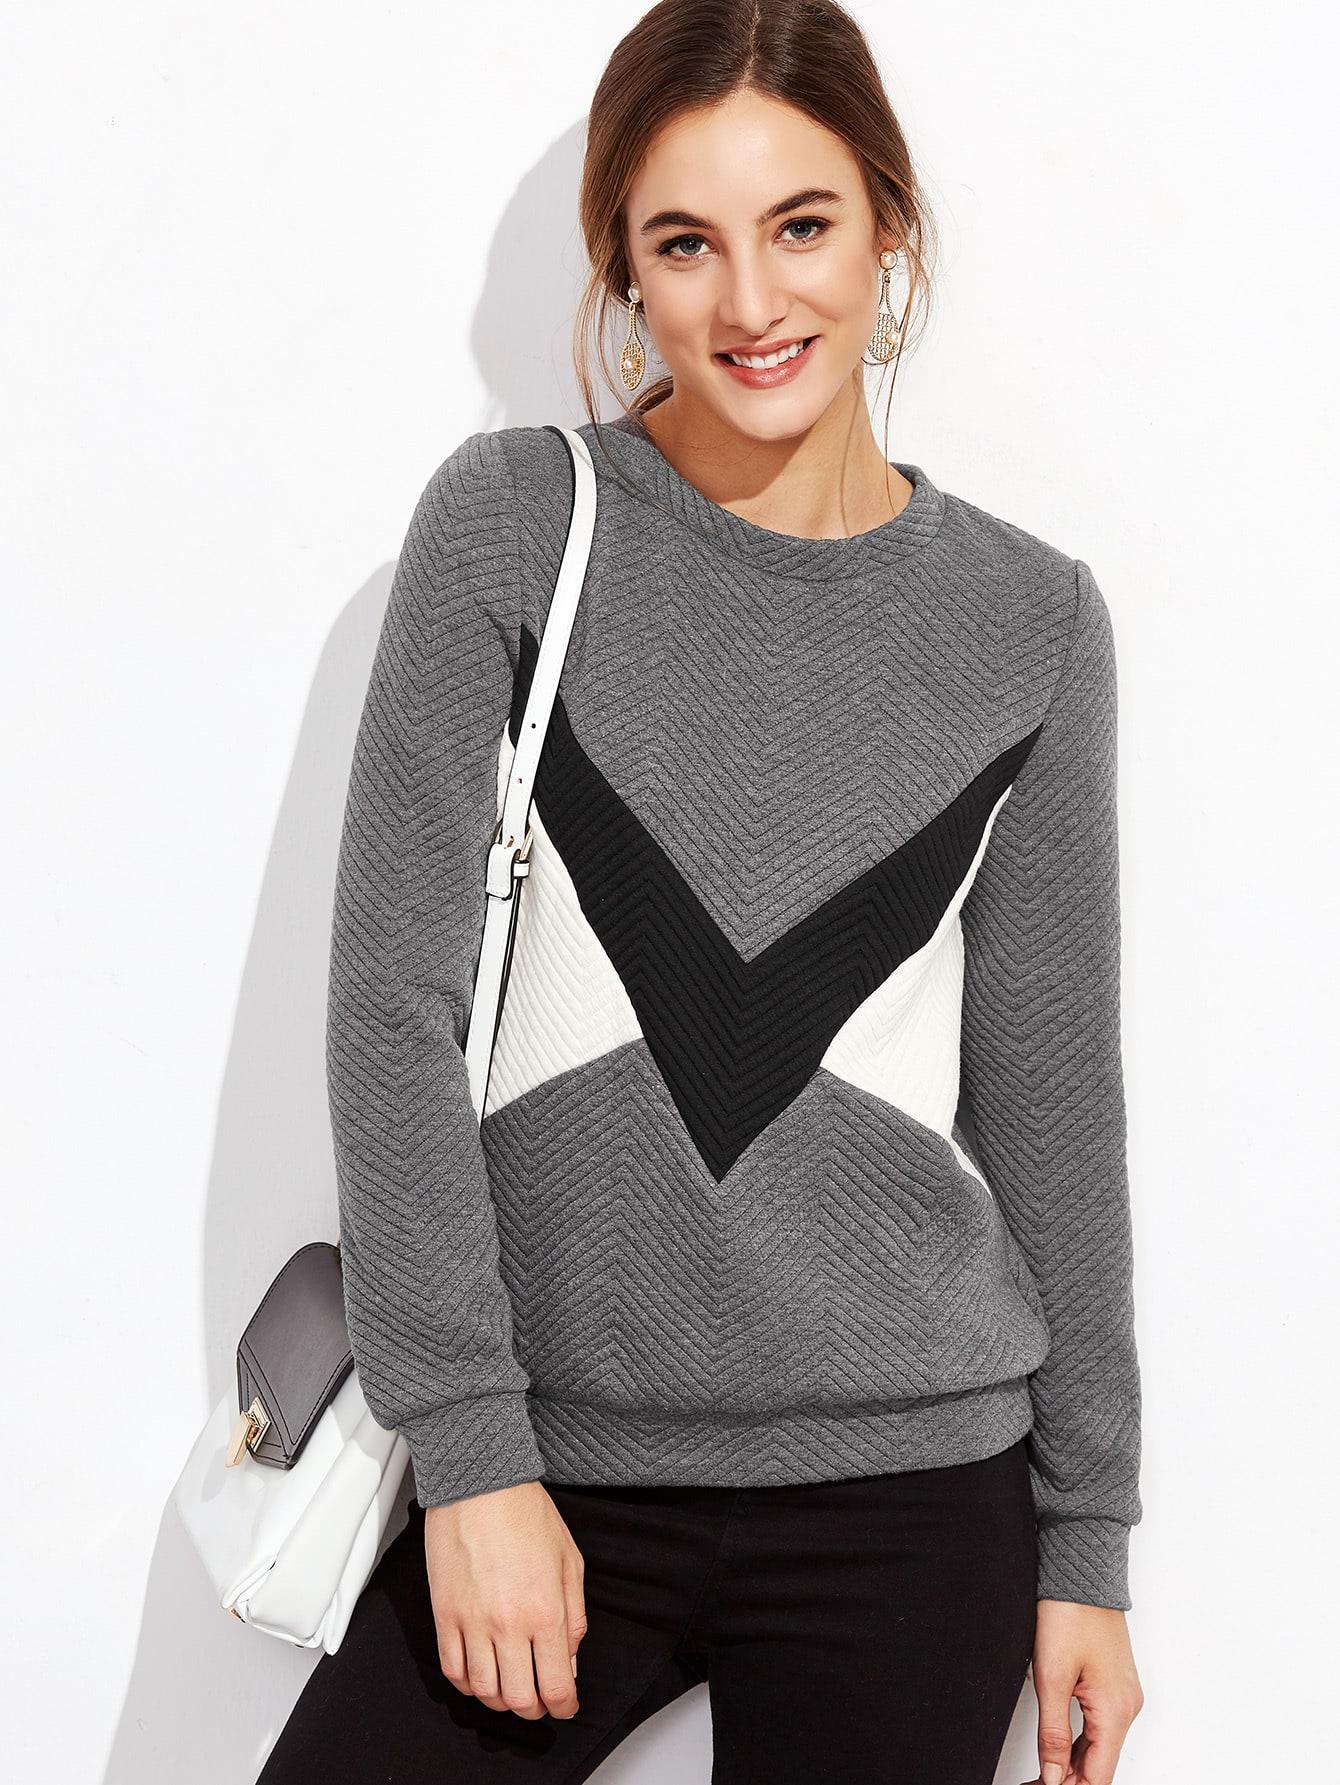 Color Block Chevron Pattern SweatshirtColor Block Chevron Pattern Sweatshirt<br><br>color: Grey<br>size: L,M,S,XS